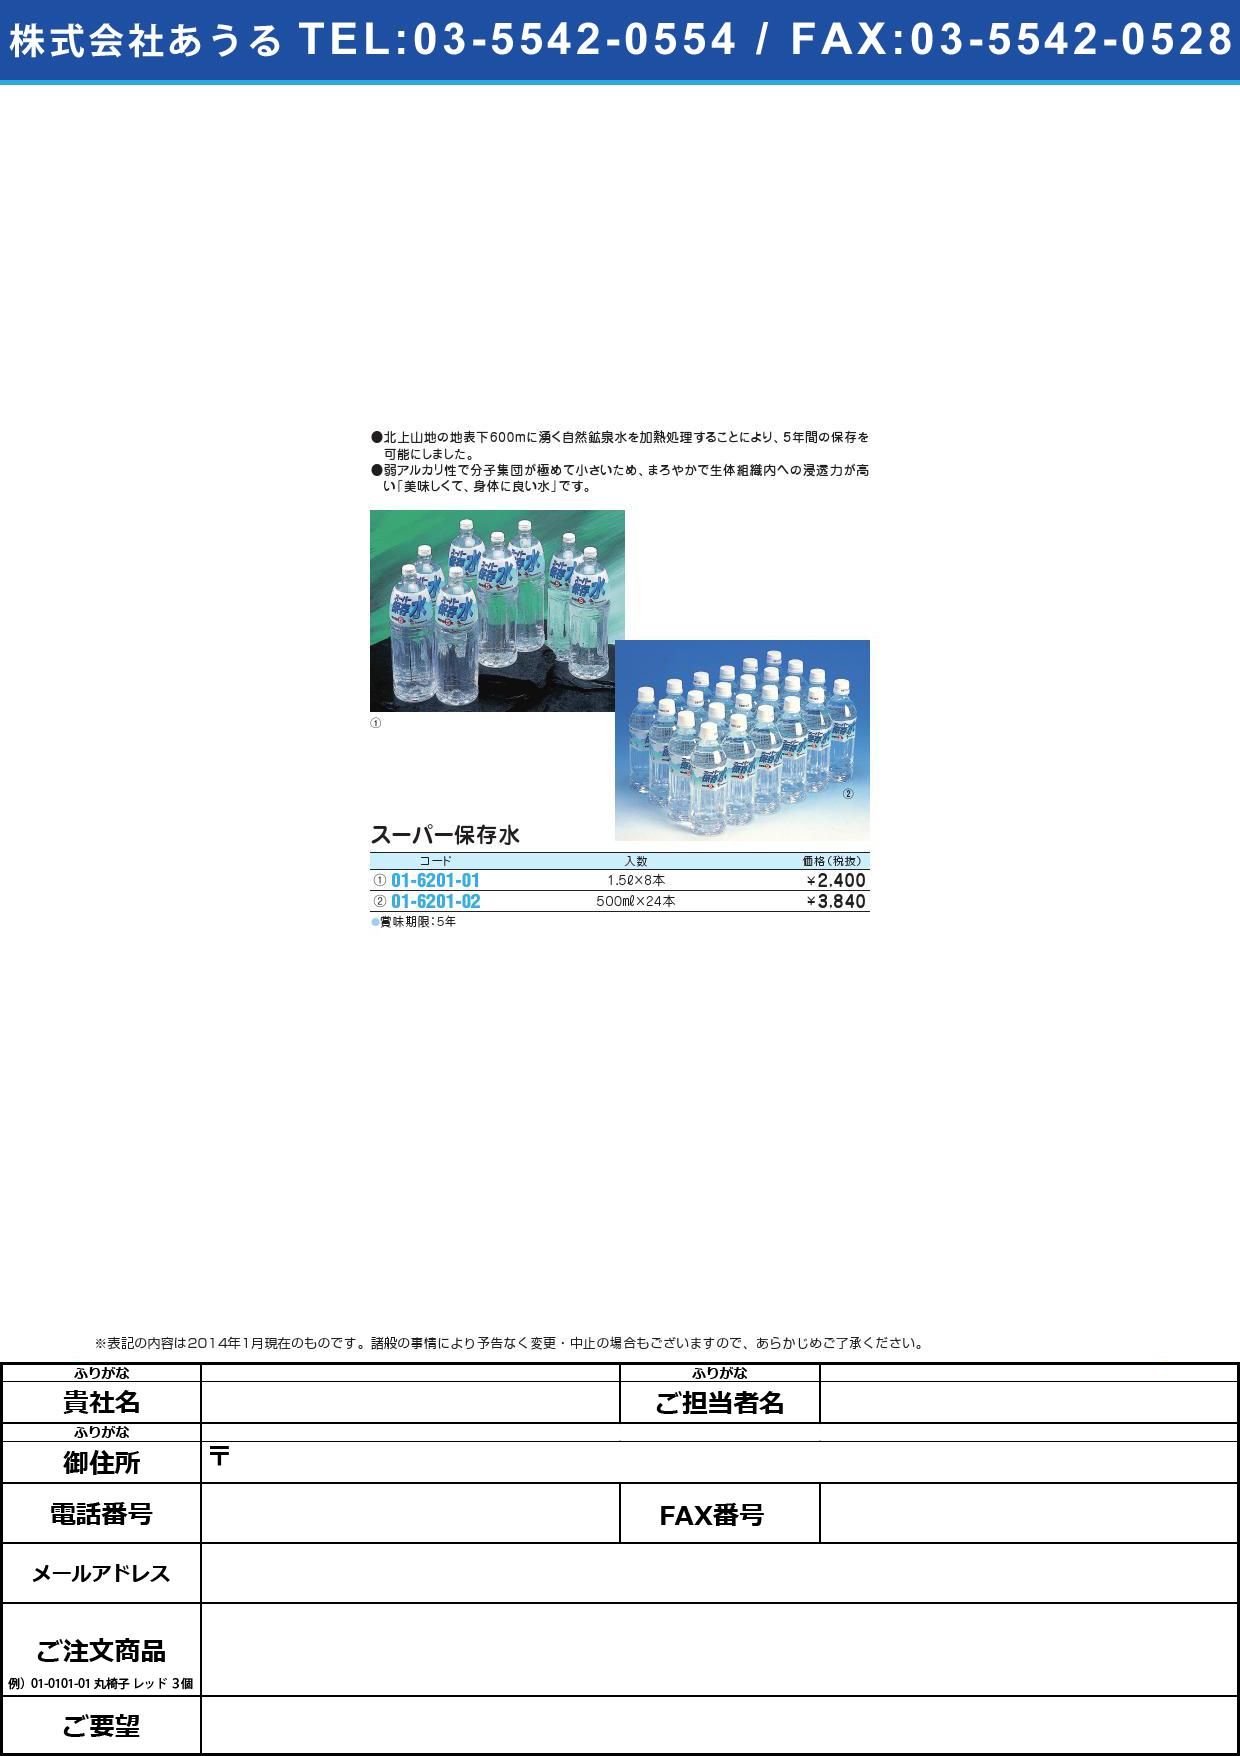 スーパー保存飲料水(賞味期限5年) スーパーホゾンインリョウスイ 2005(1.5L)8ホンイリ【1梱単位】(01-6201-01)